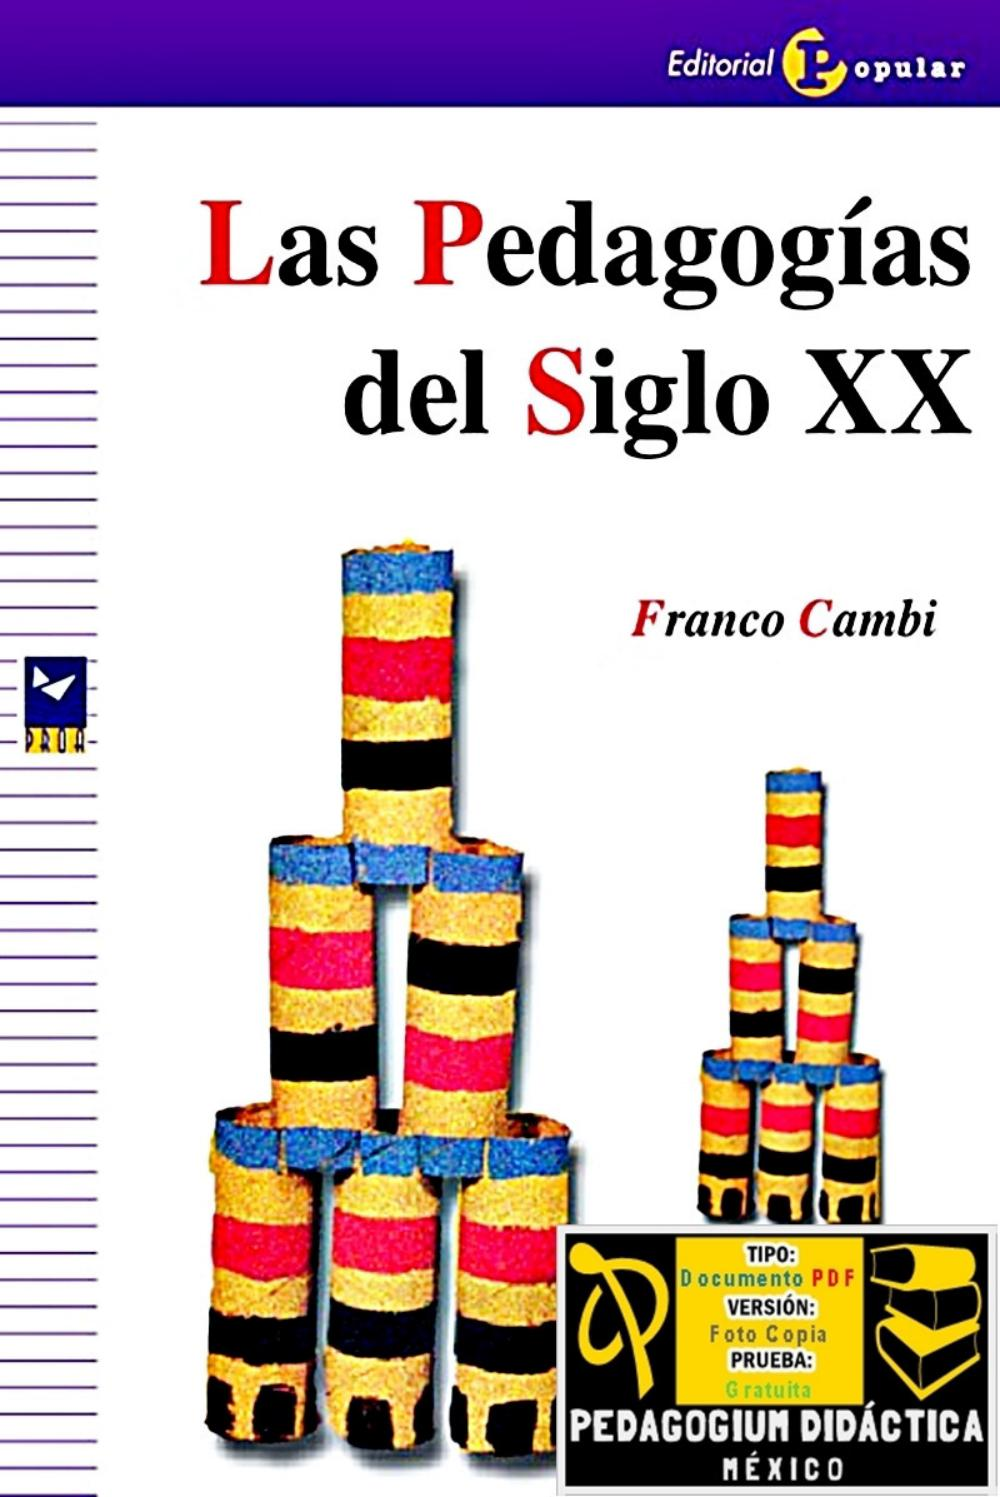 LAS PEDAGOGÍAS DEL SIGLO XX by Pedagogium Didáctica - issuu